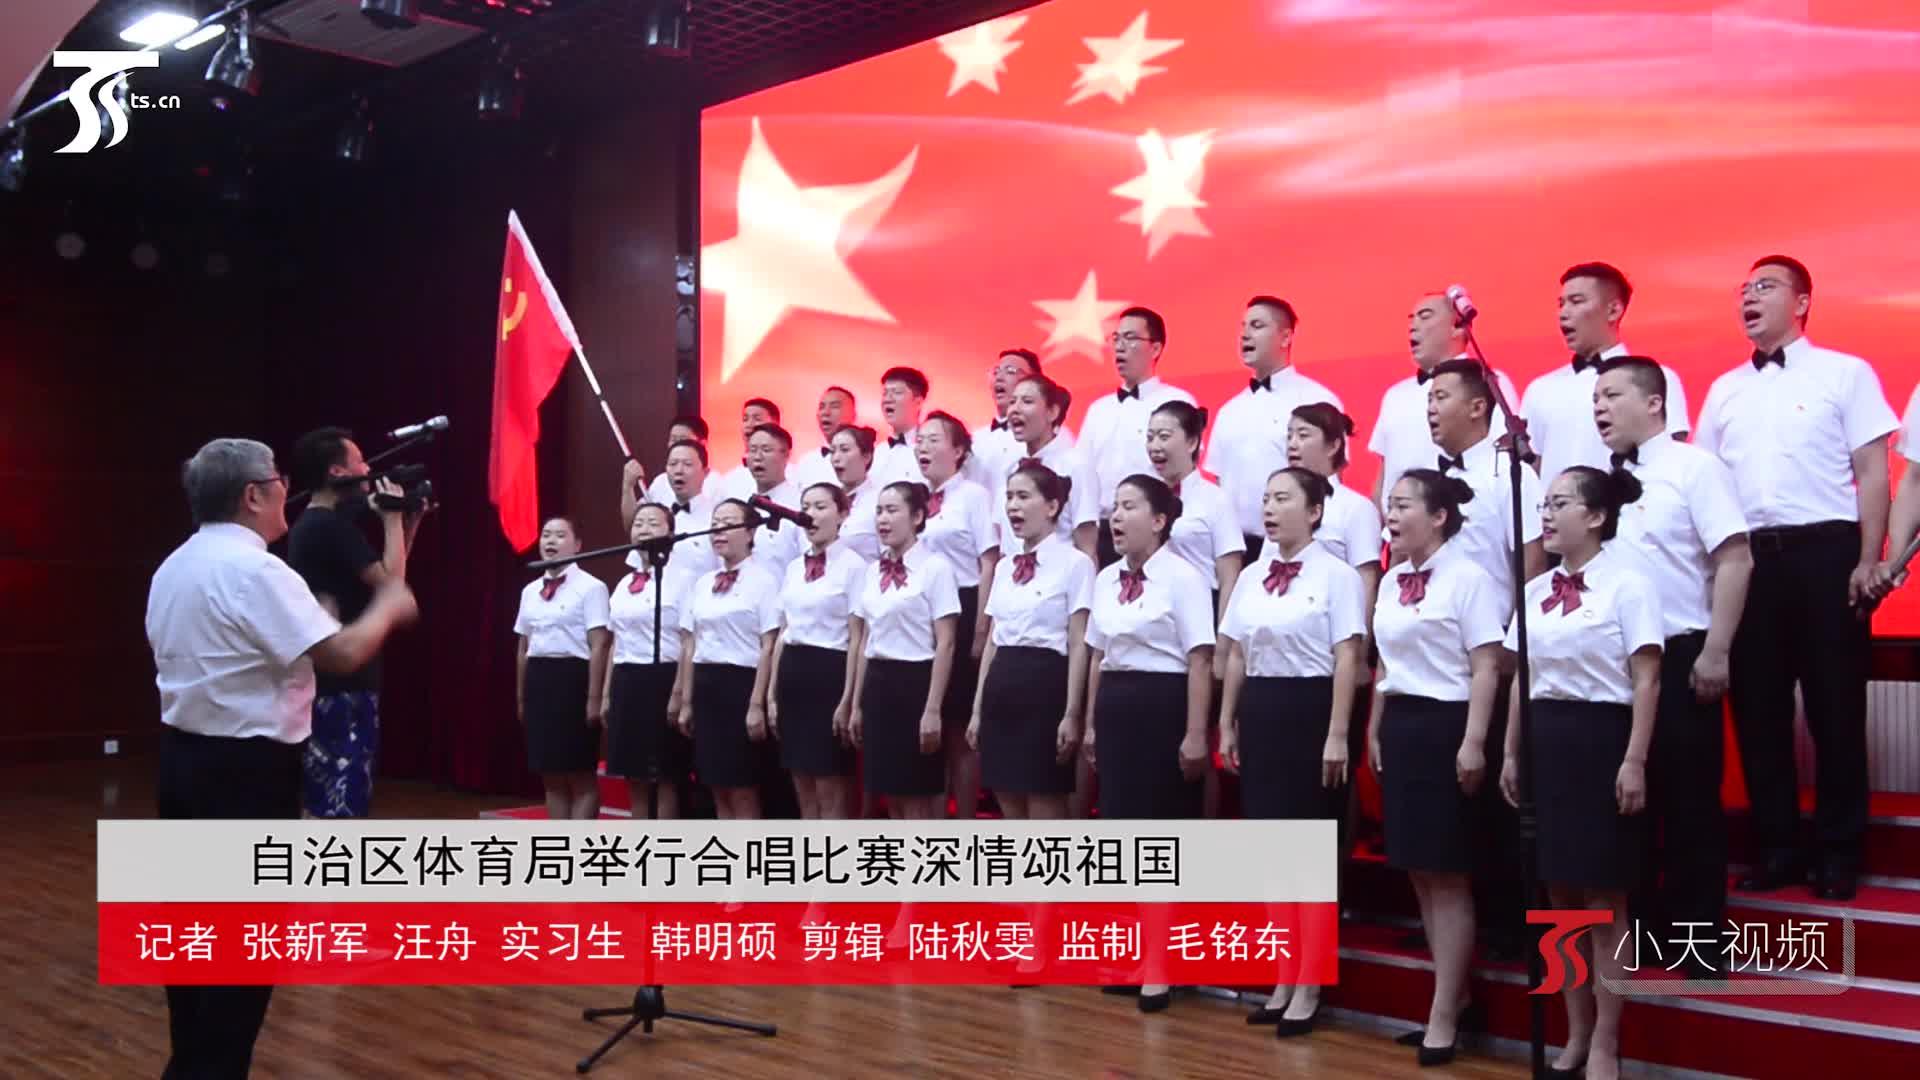 自治区体育局举行合唱比赛深情颂祖国